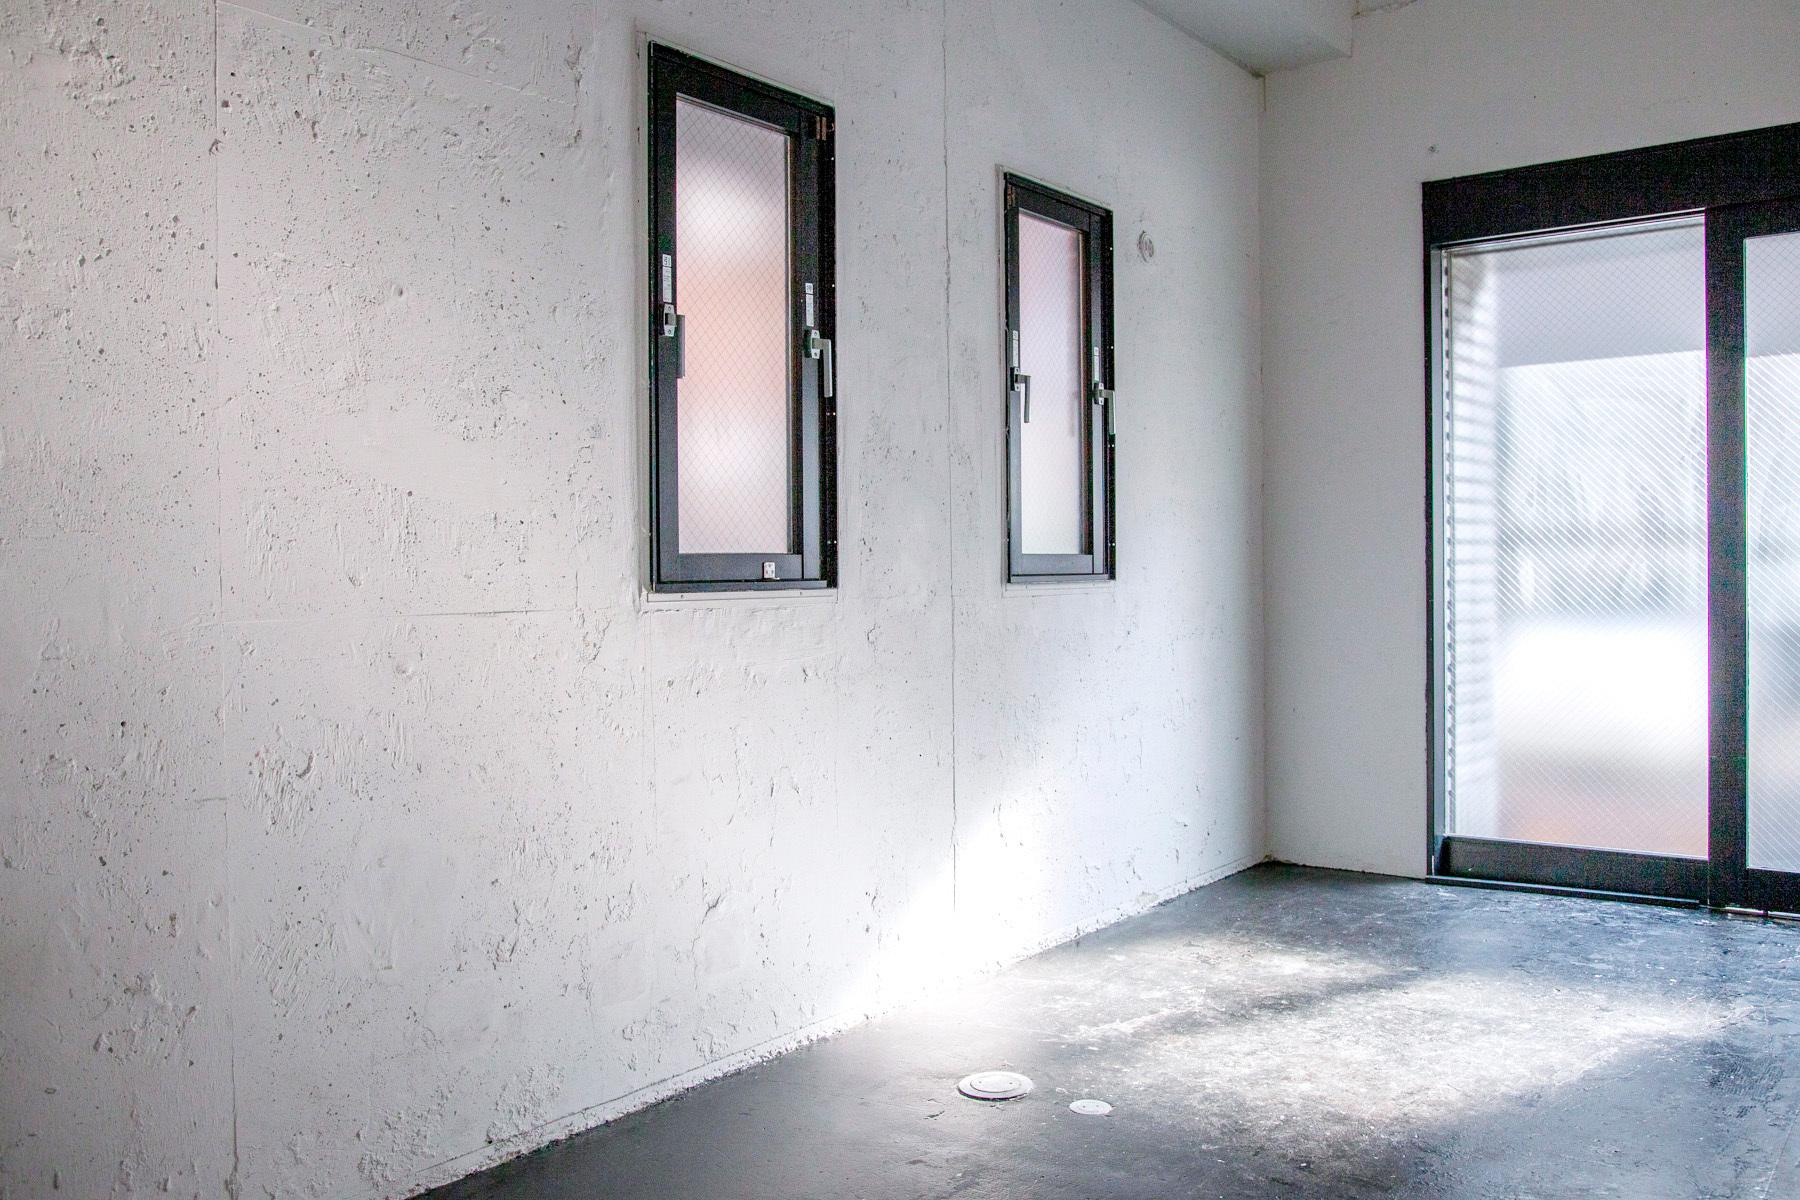 STUDIO SAND 1F(スタジオサンド1F)家具を移動するとシンプルな白壁